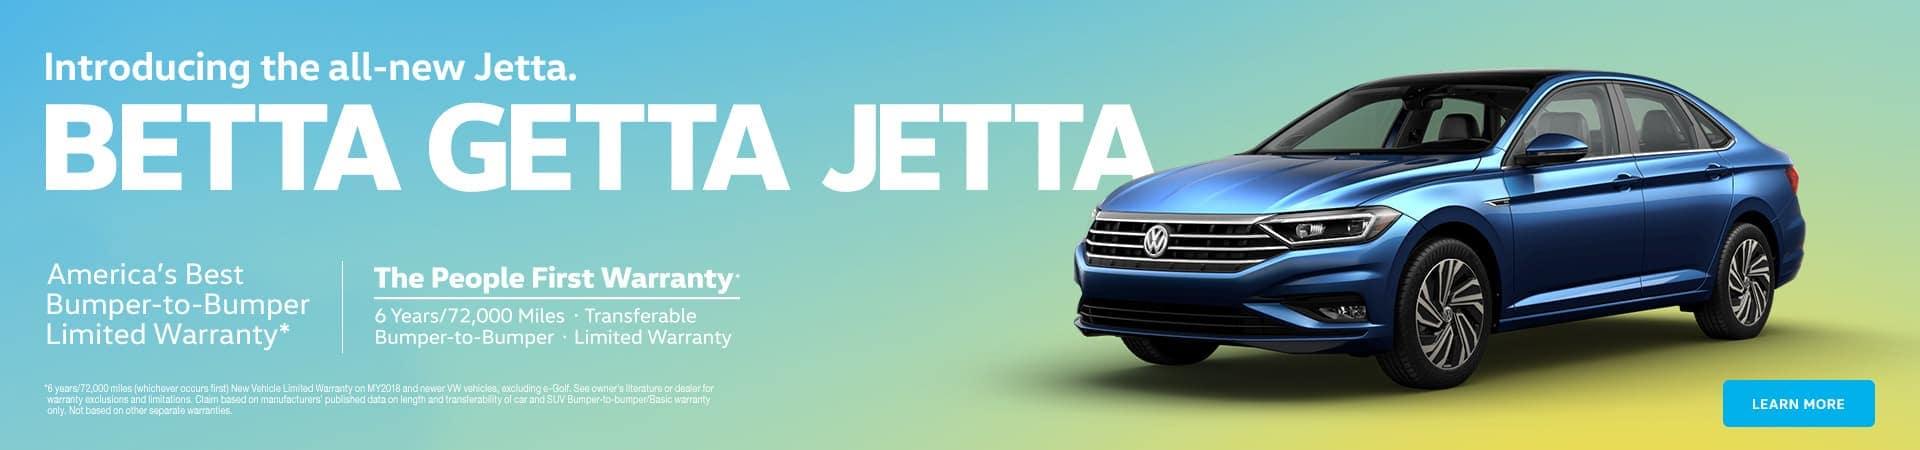 Jetta banner